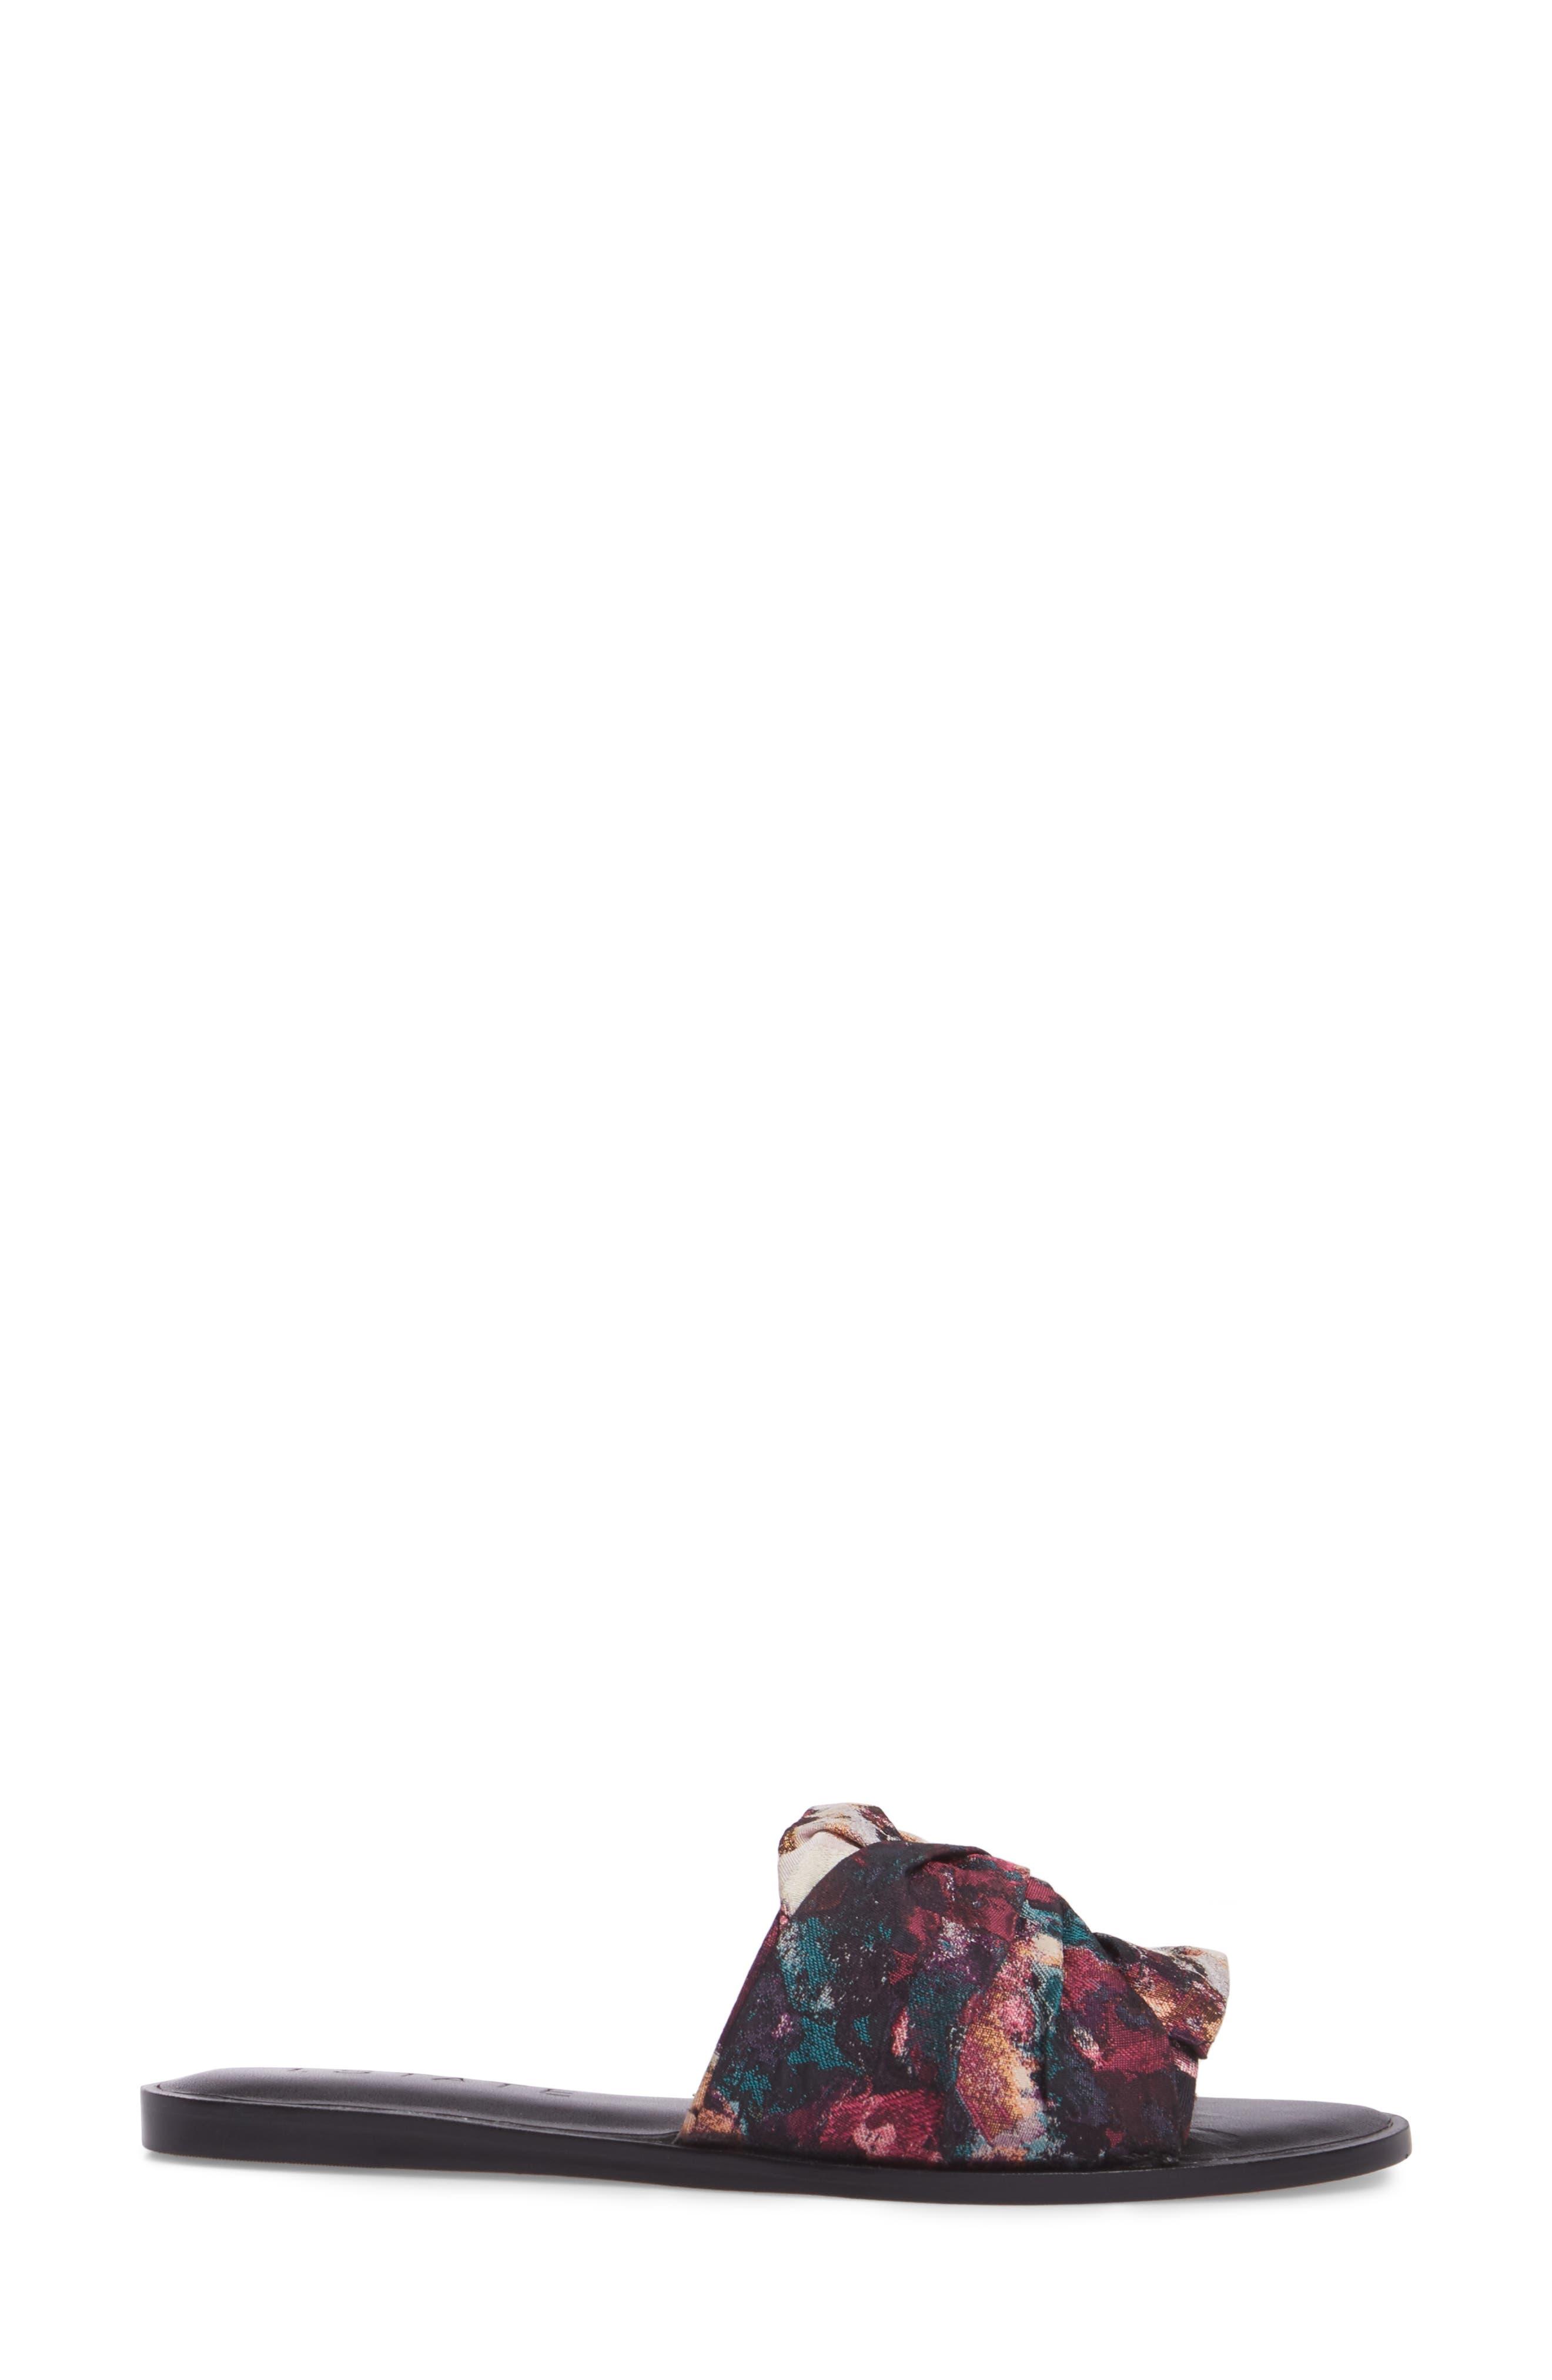 Chevonn Slide Sandal,                             Alternate thumbnail 3, color,                             Floral Print